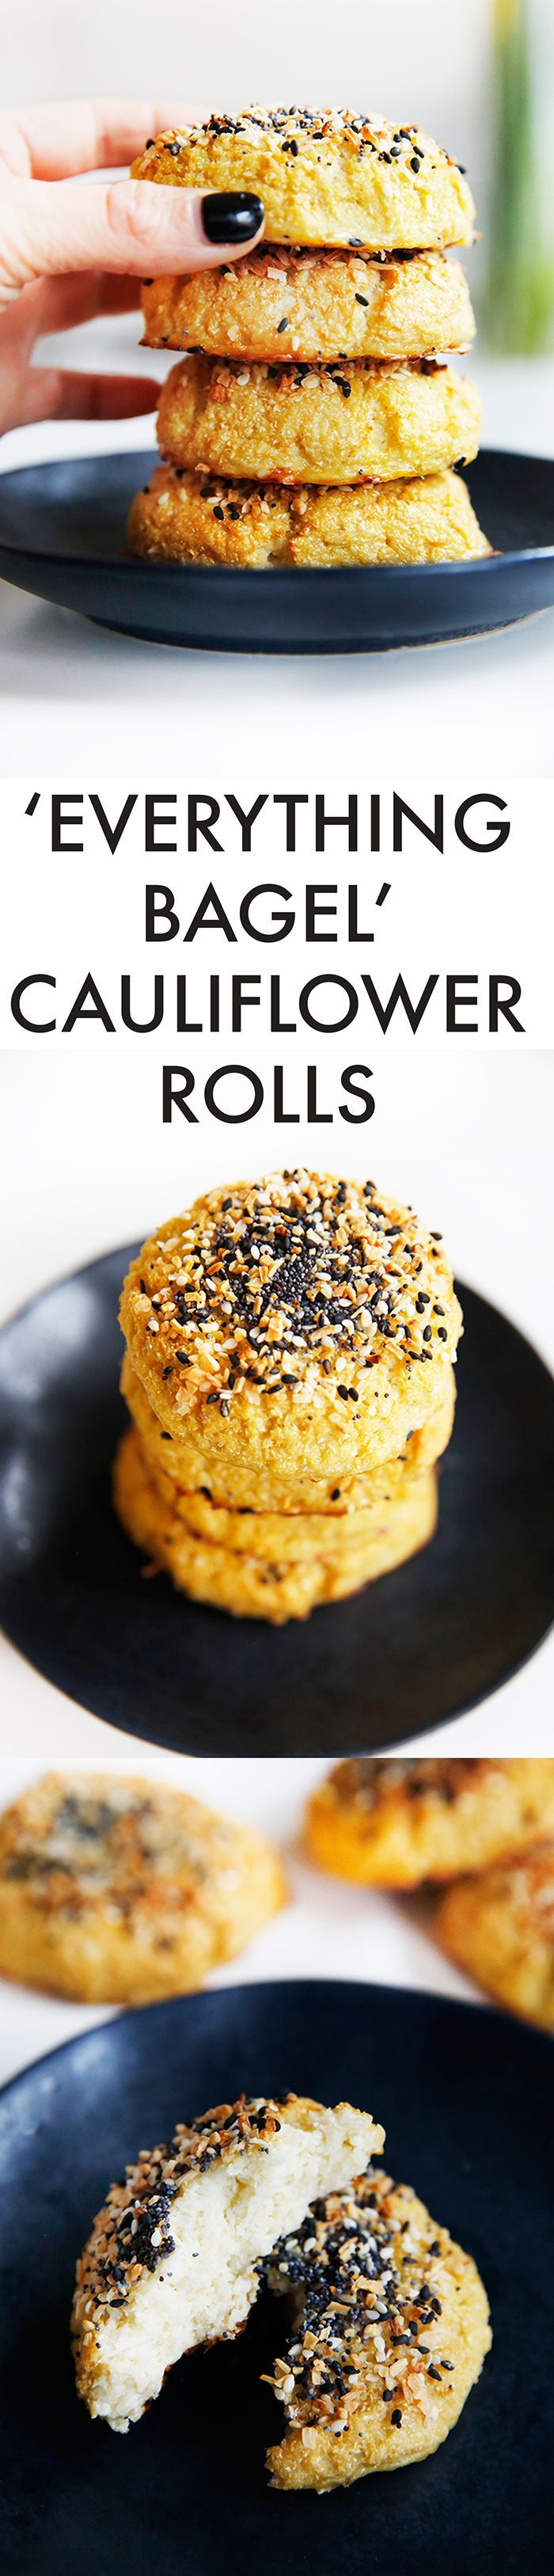 Everything Bagel Cauliflower Rolls (gluten-free, grain-free) - Lexi's Clean Kitchen